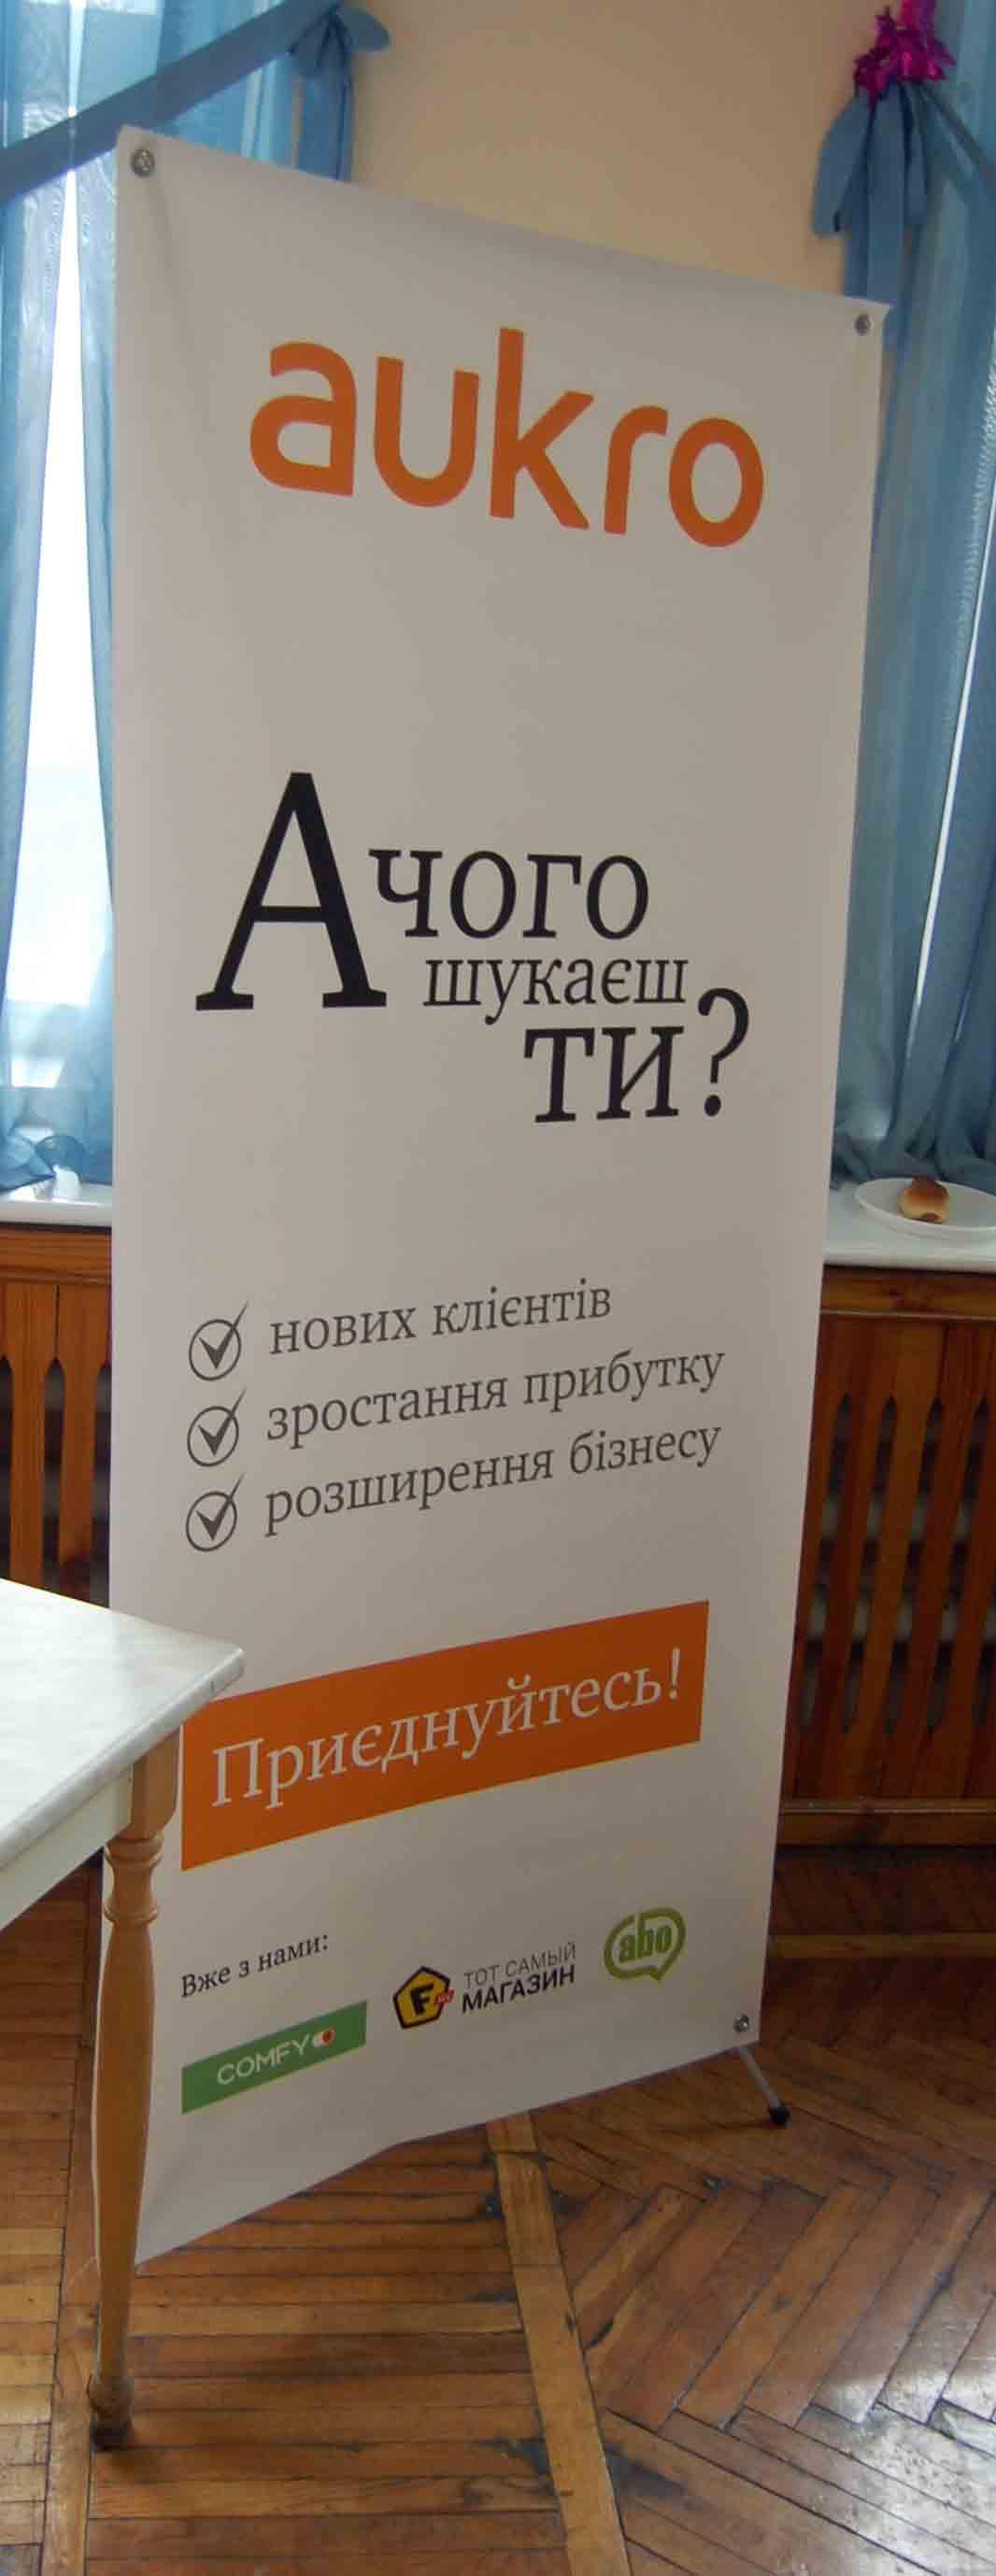 Рекламный стенд АУКРО. А что ищешь ты?